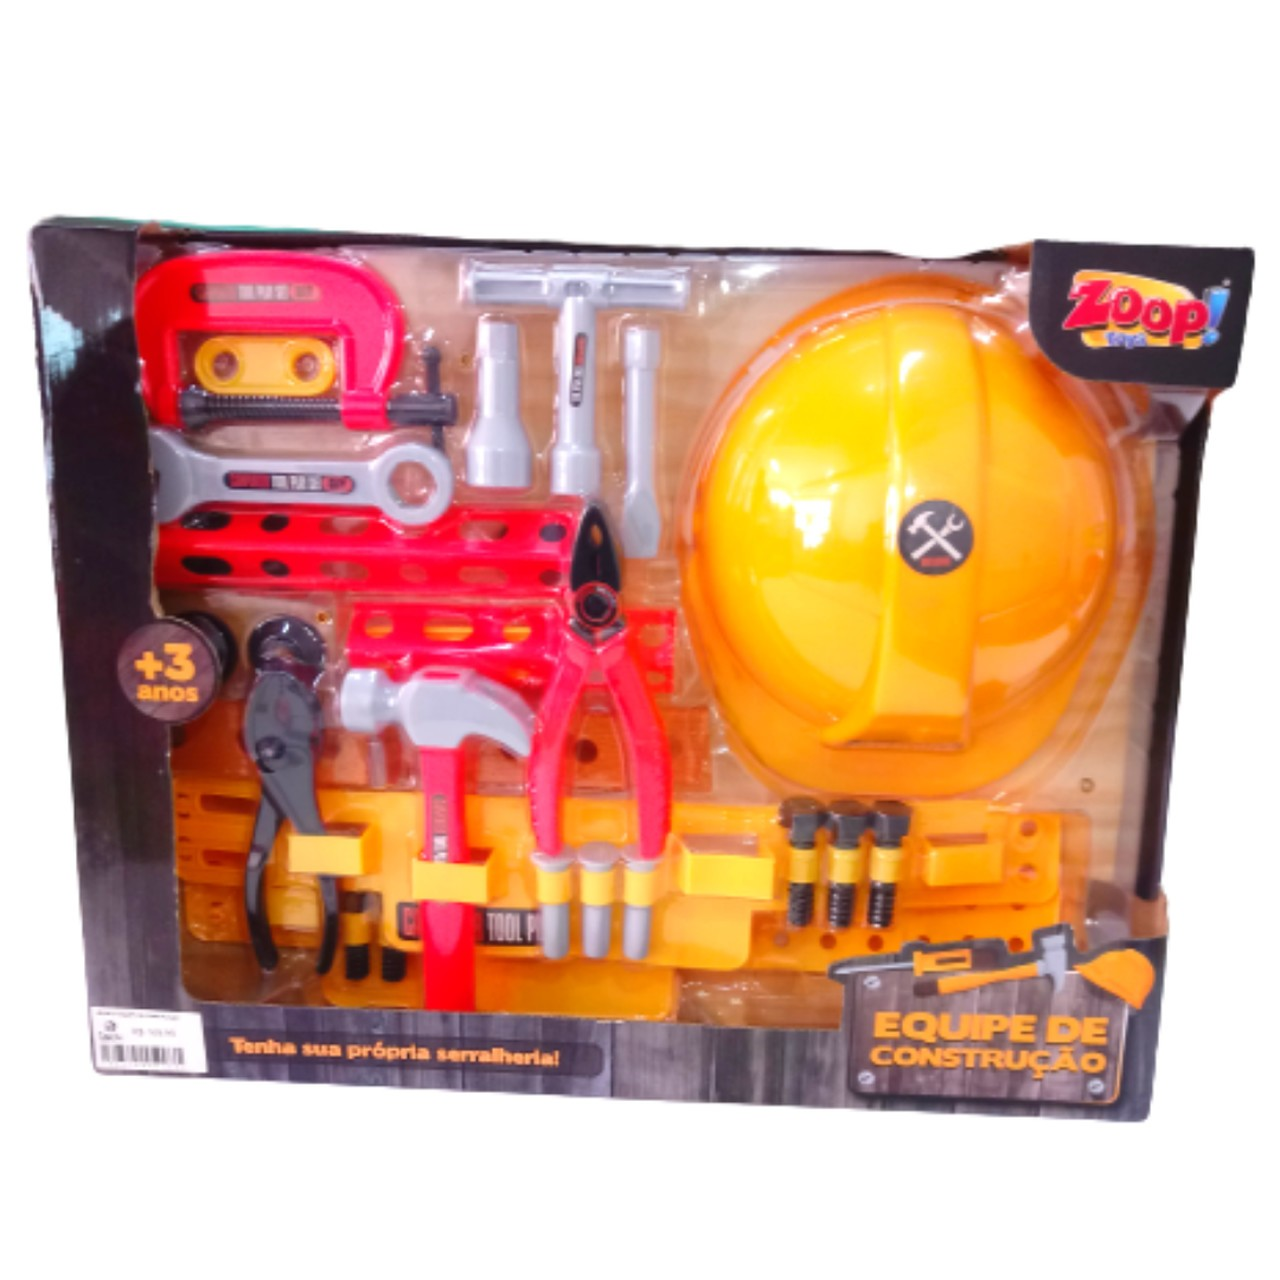 Kit Equipe de Construção 30 Acessórios 1199 Zoop Toys